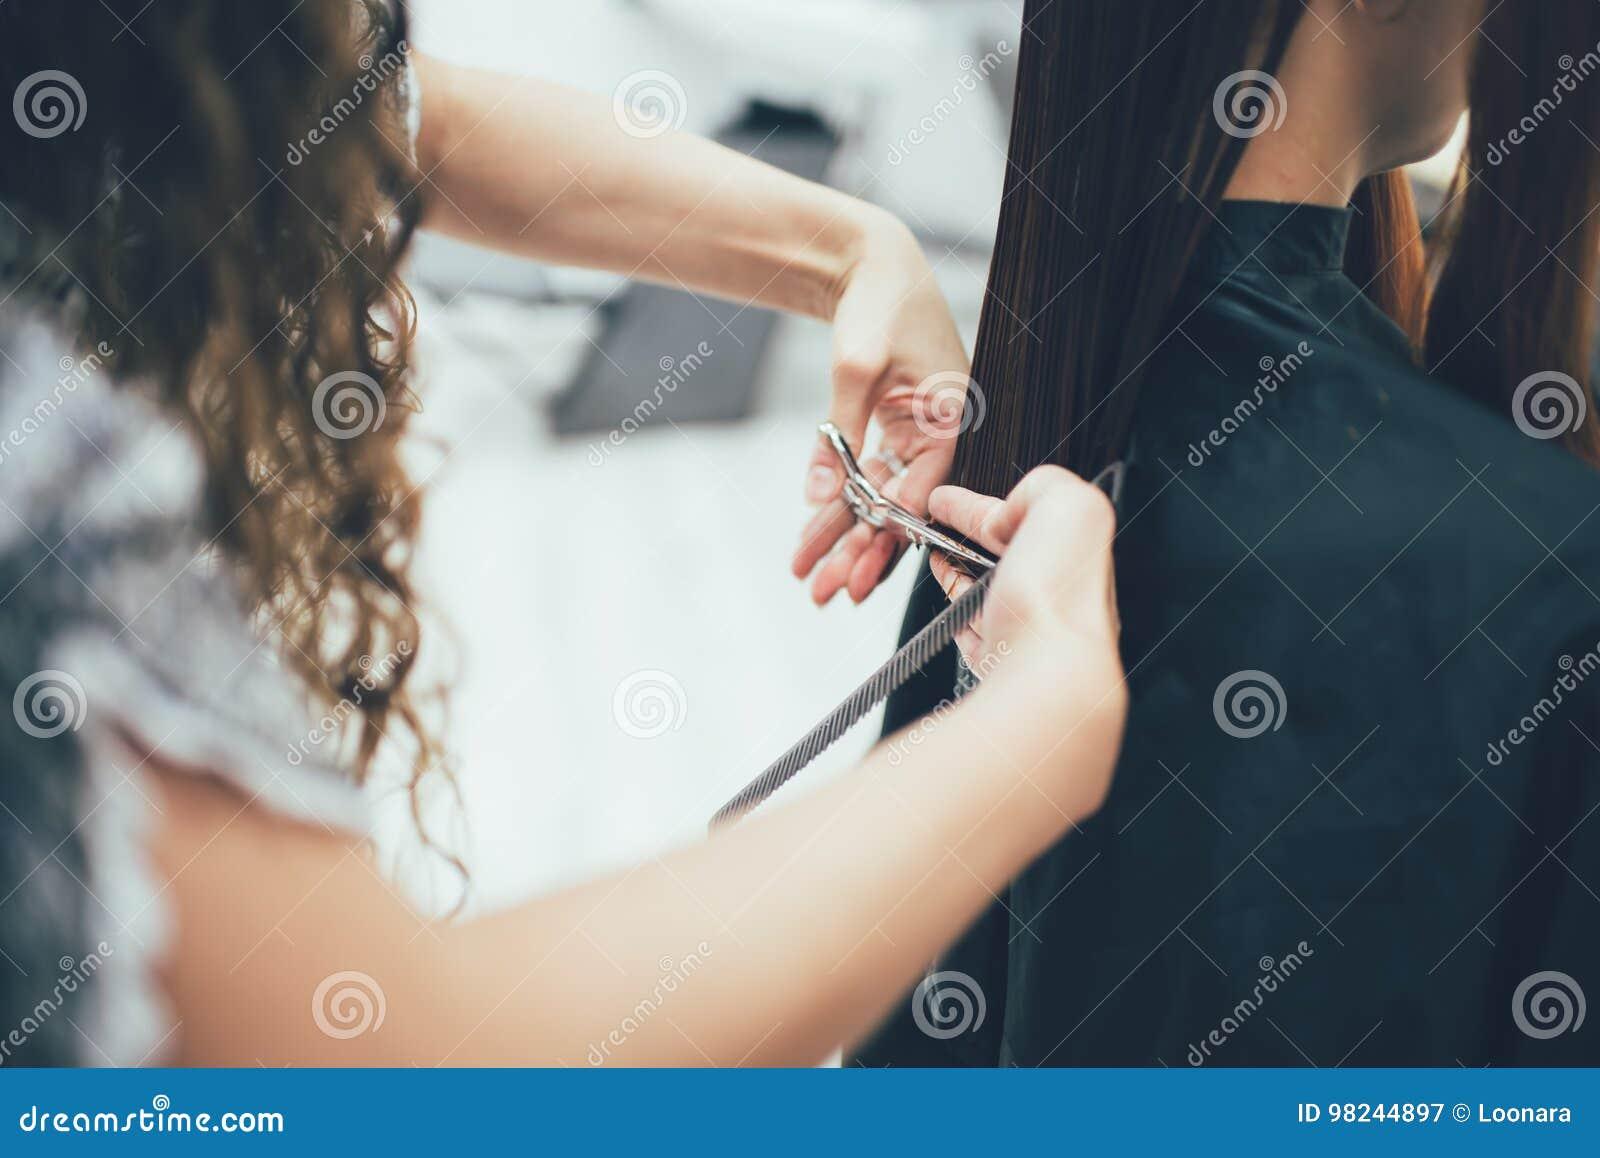 Stylista pracuje w piękno salonu, ostrzyżenia i włosy tytułowaniu,